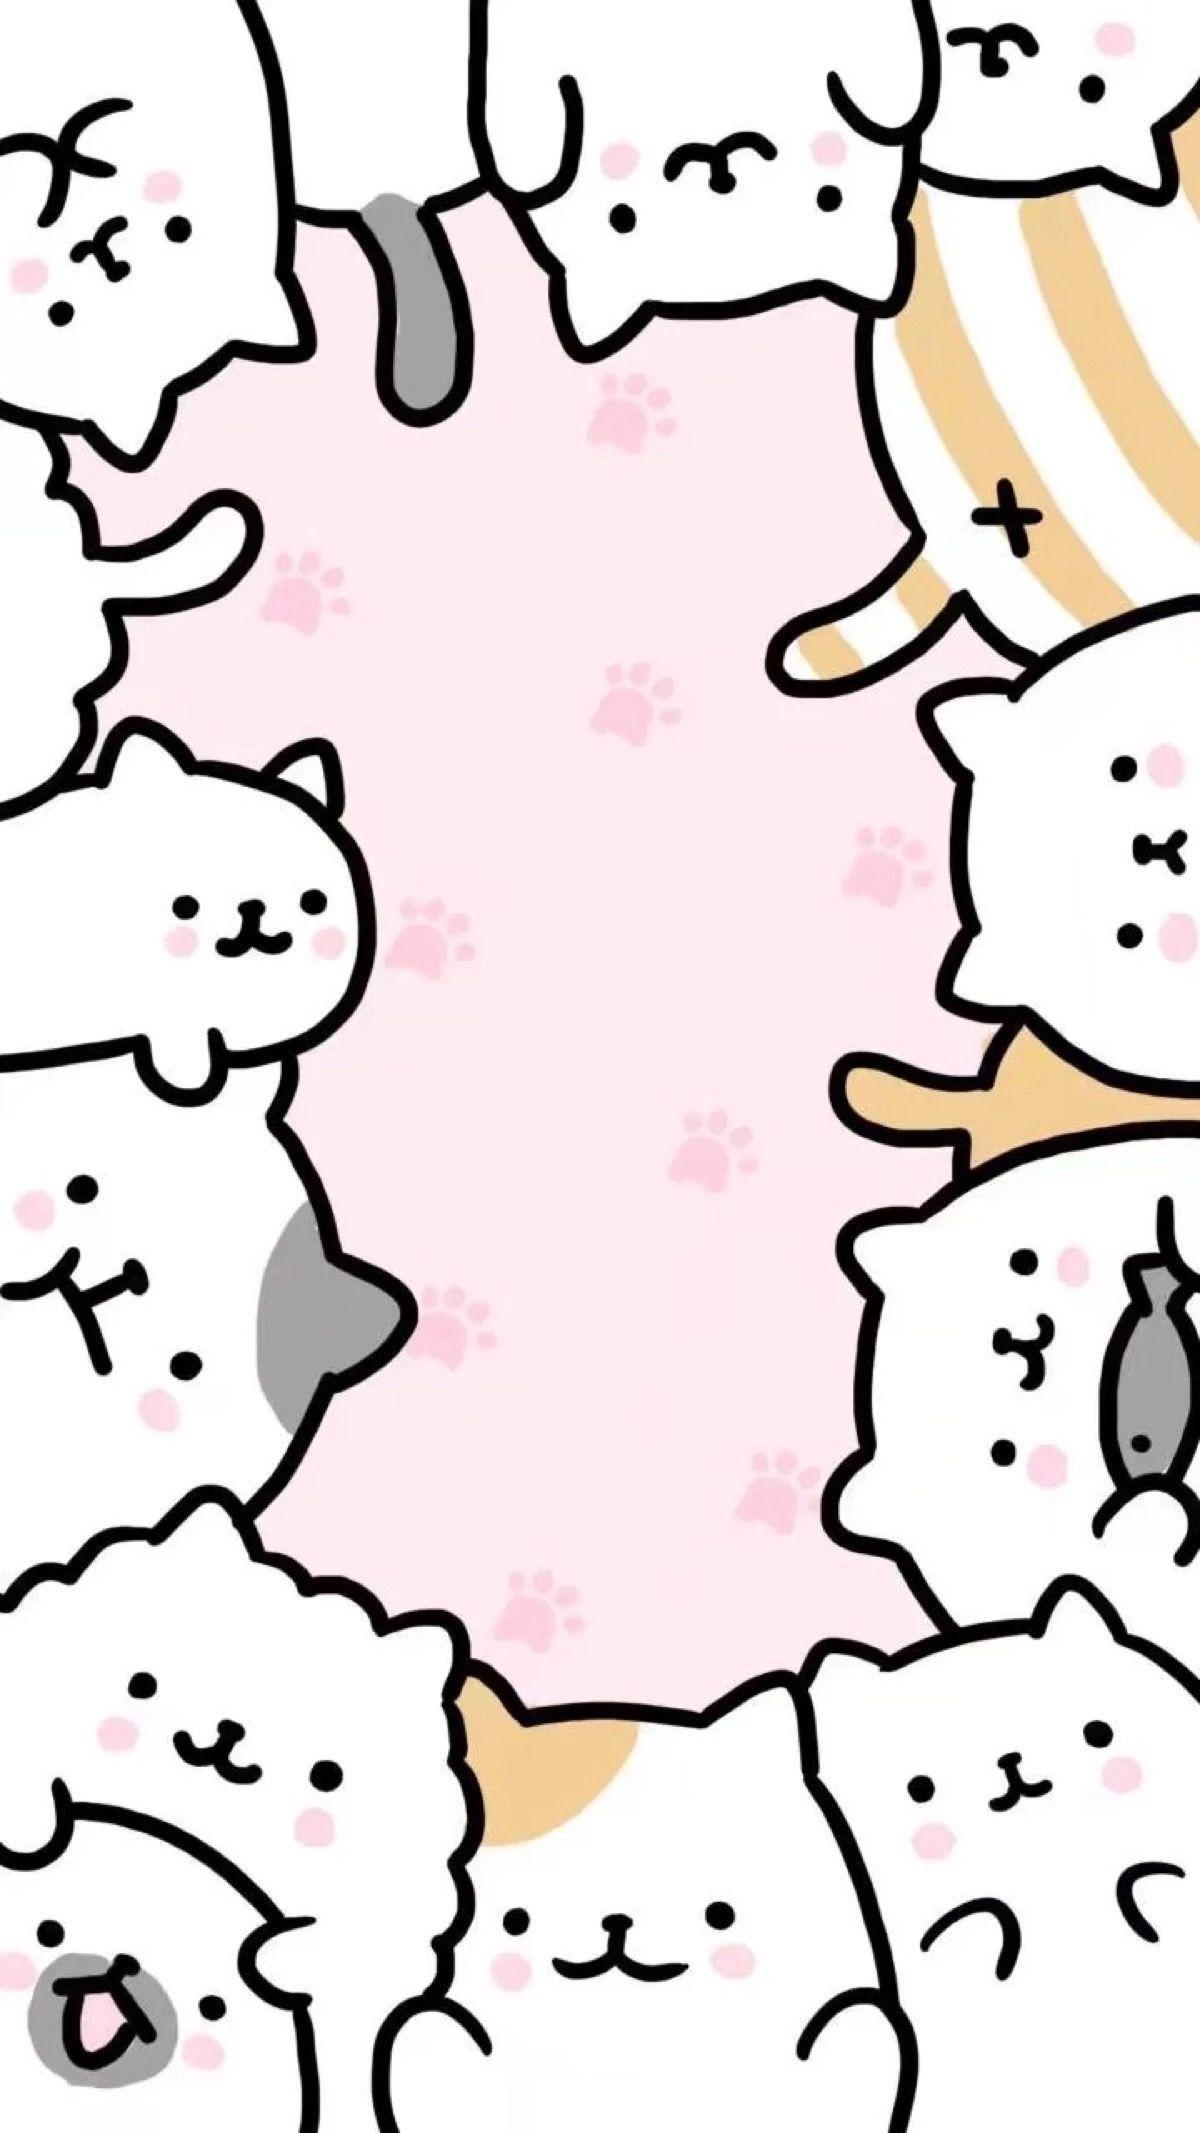 61 Papeis De Parede De Gato Kawaii No Wallpaperplay Cute Cat Wallpaper Cute Wallpapers Cat Wallpaper